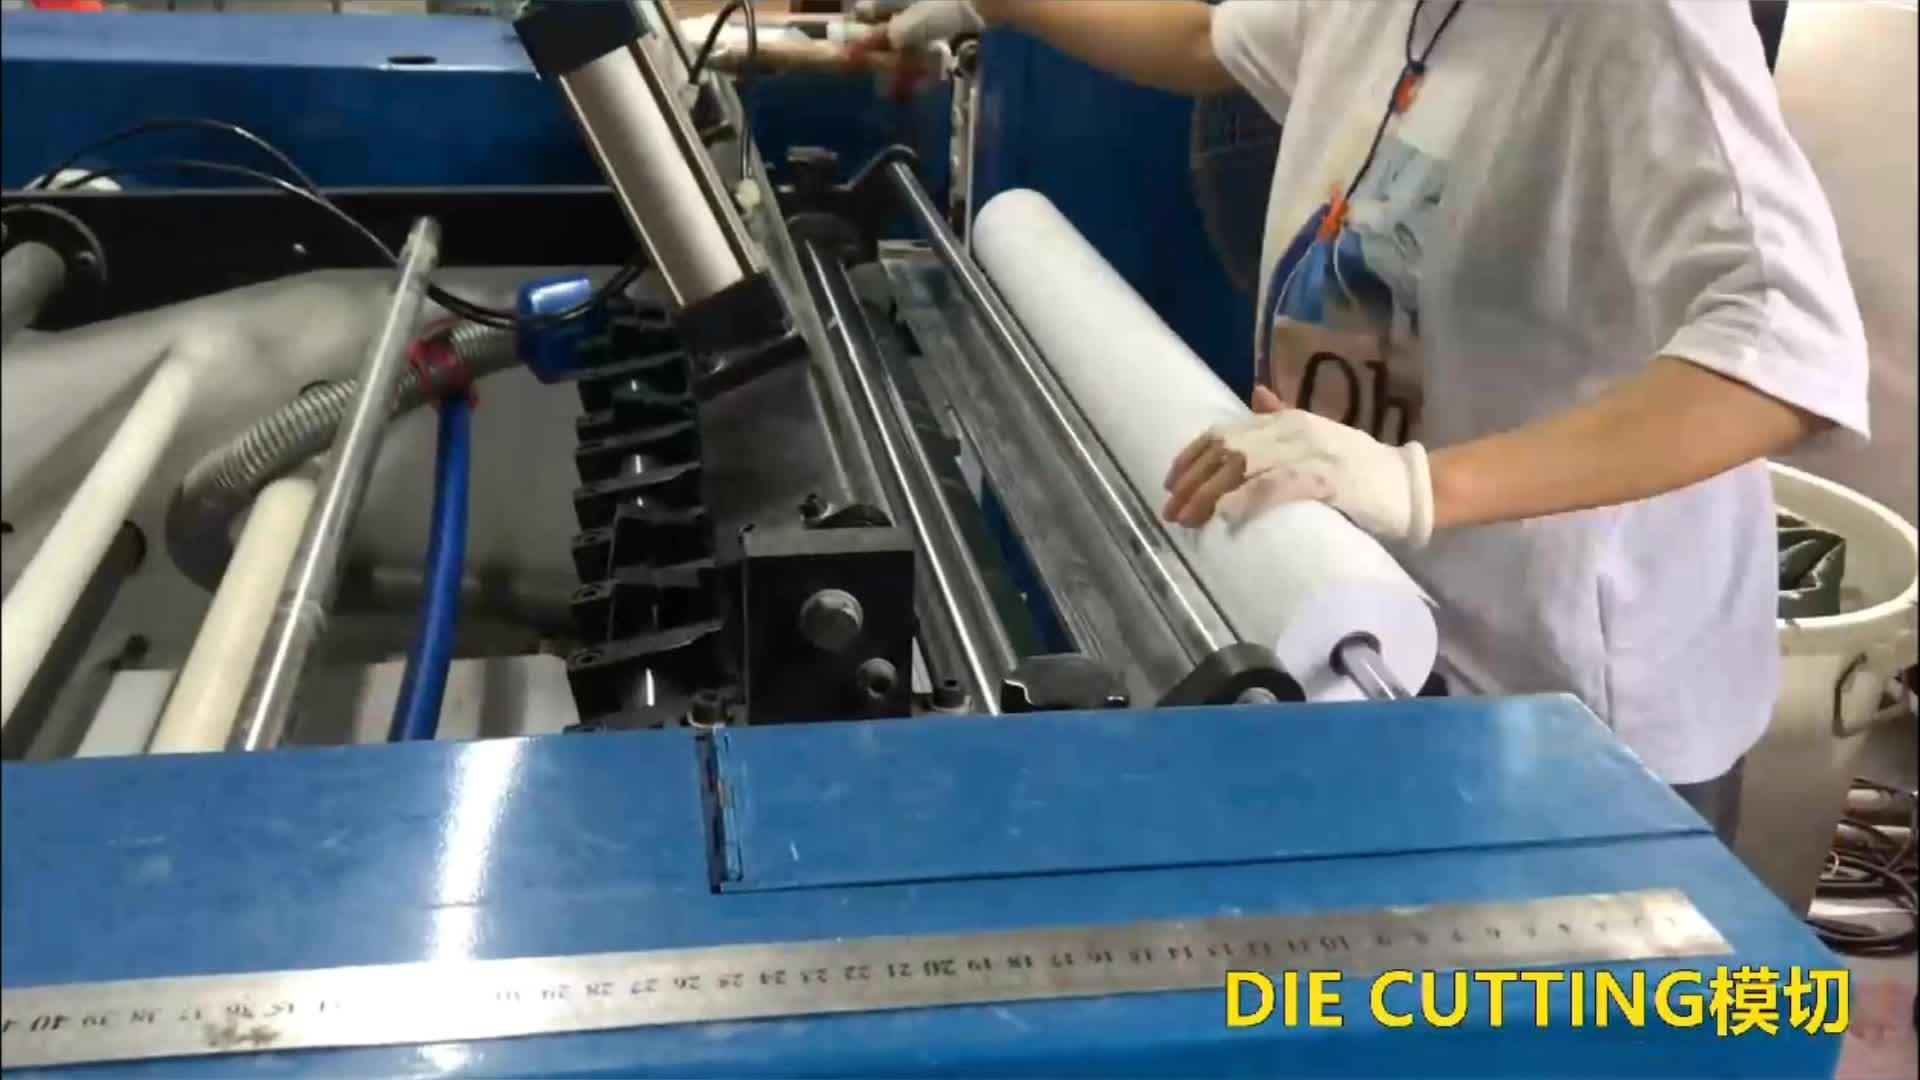 100% ไม้เครื่องการใช้งานม้วนกระดาษความร้อน 80*80 เงินสดลงทะเบียนม้วนกระดาษ BPA ฟรี ATM ม้วน